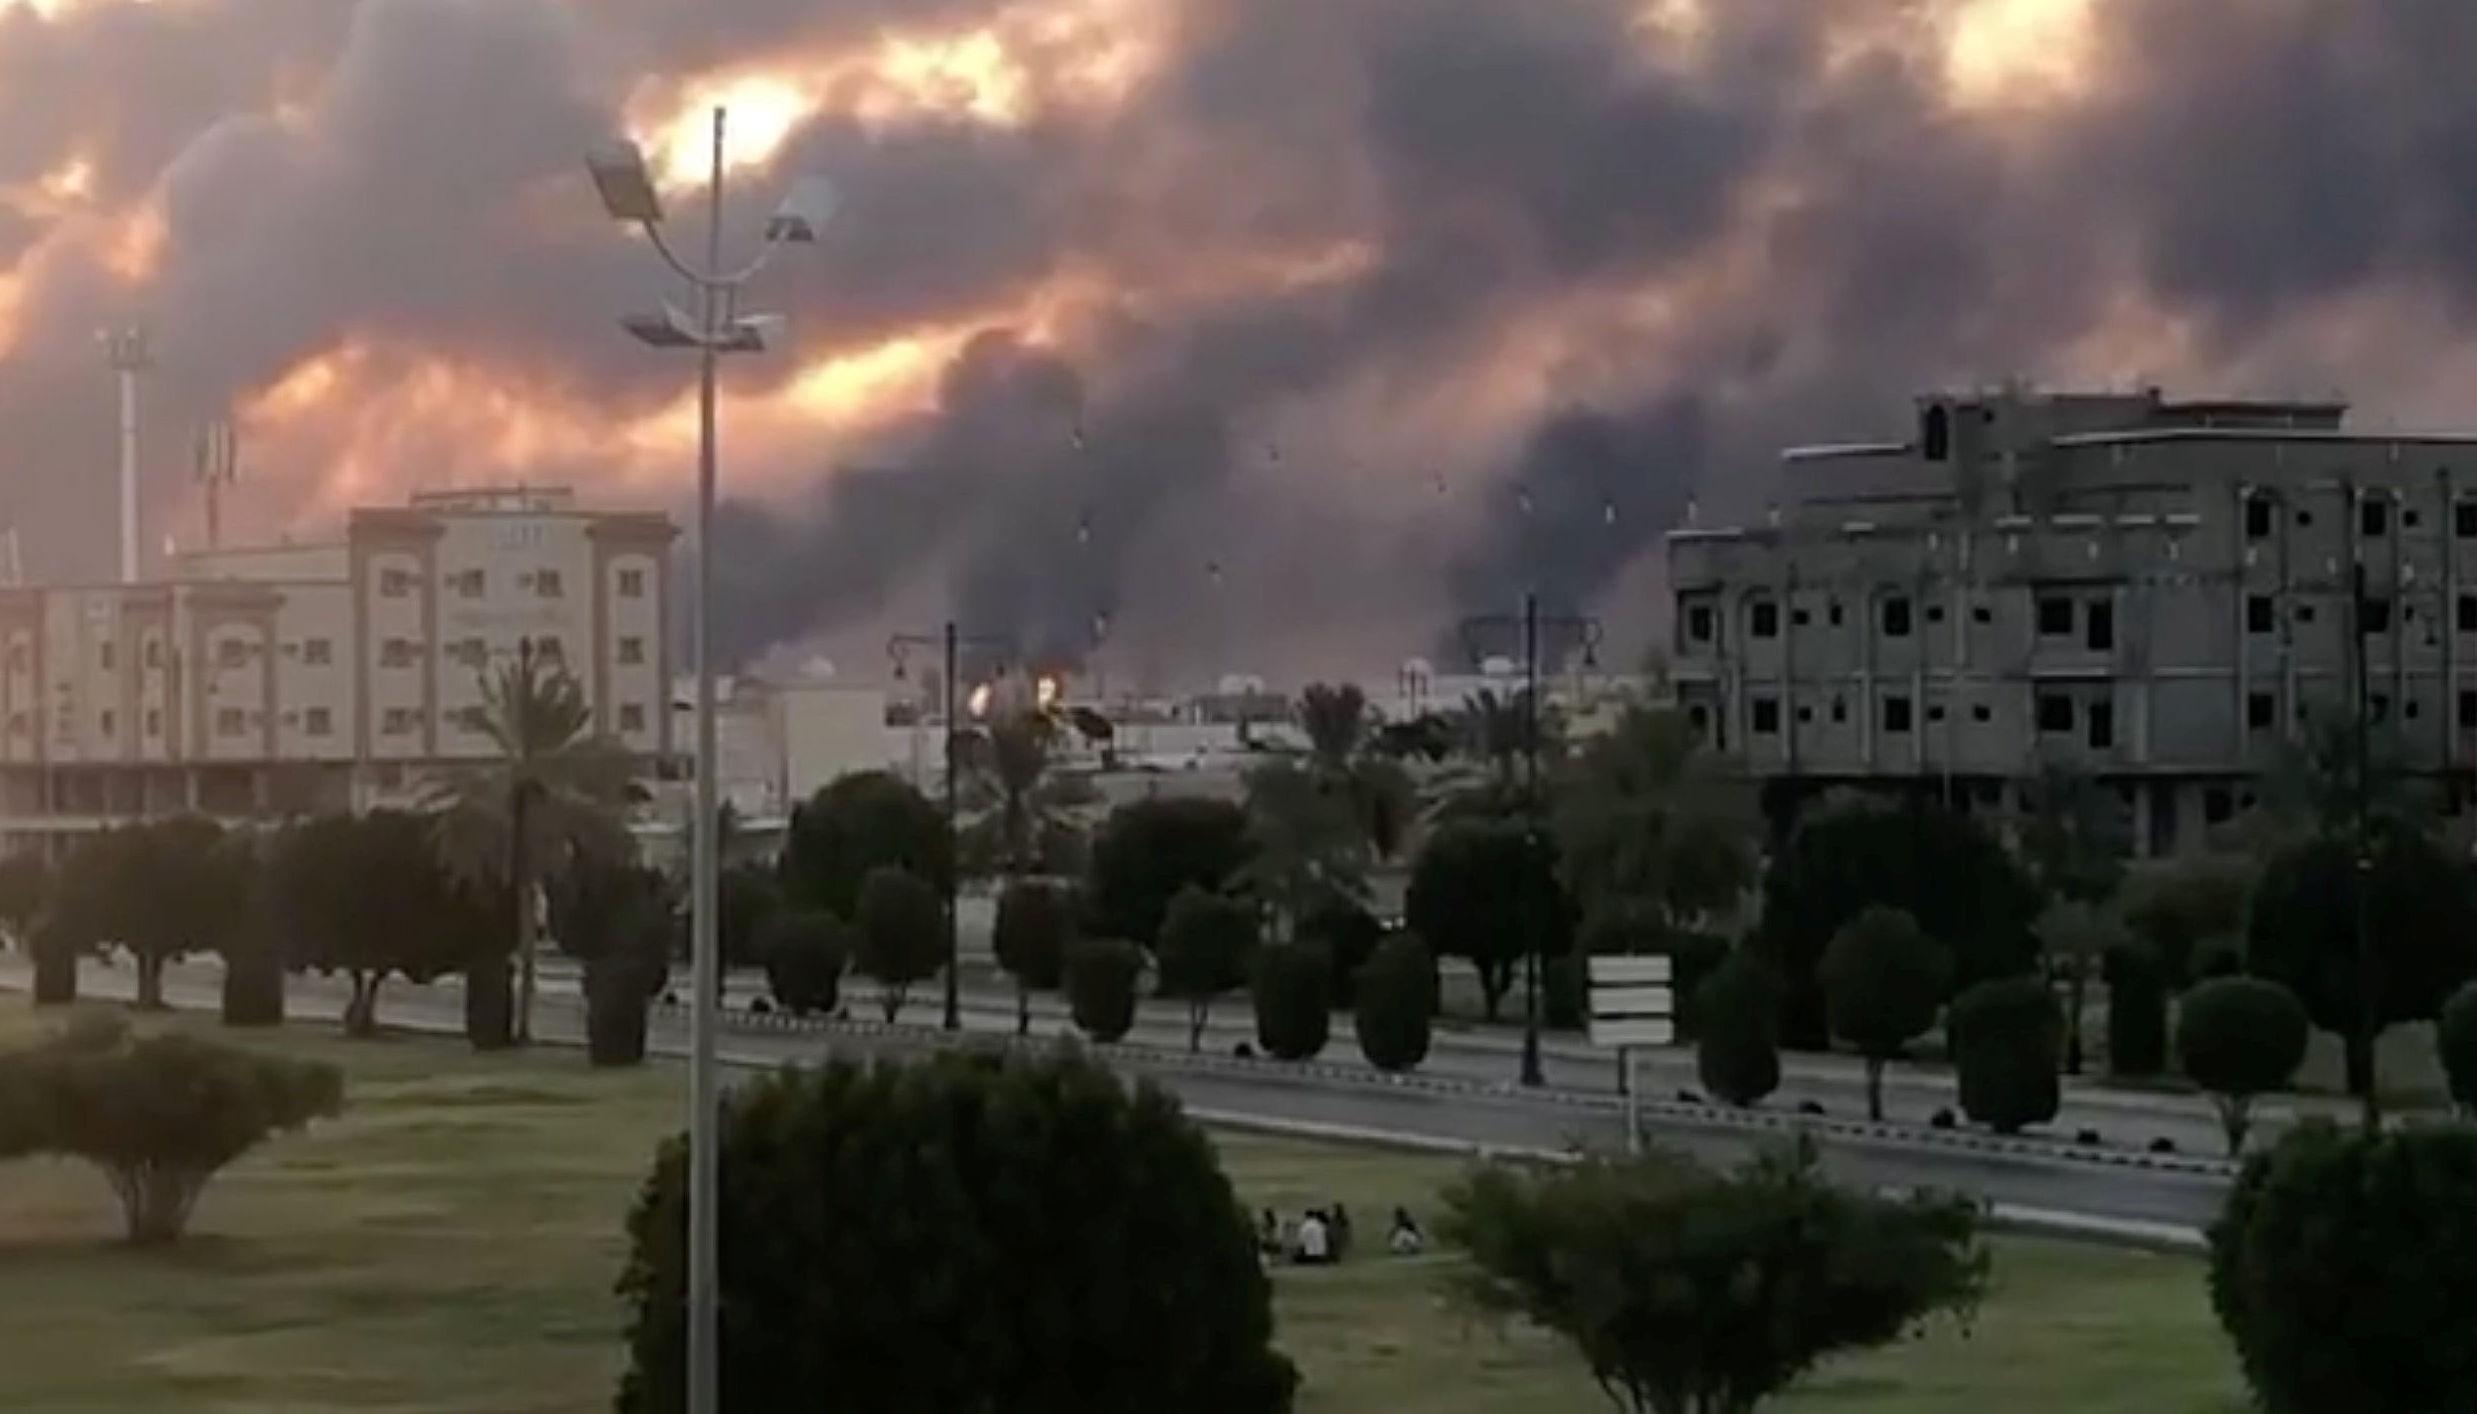 Fumaça é vista após um incêndio em uma fábrica da Aramco em Abqaiq, Arábia Saudita, 14 de setembro de 2019